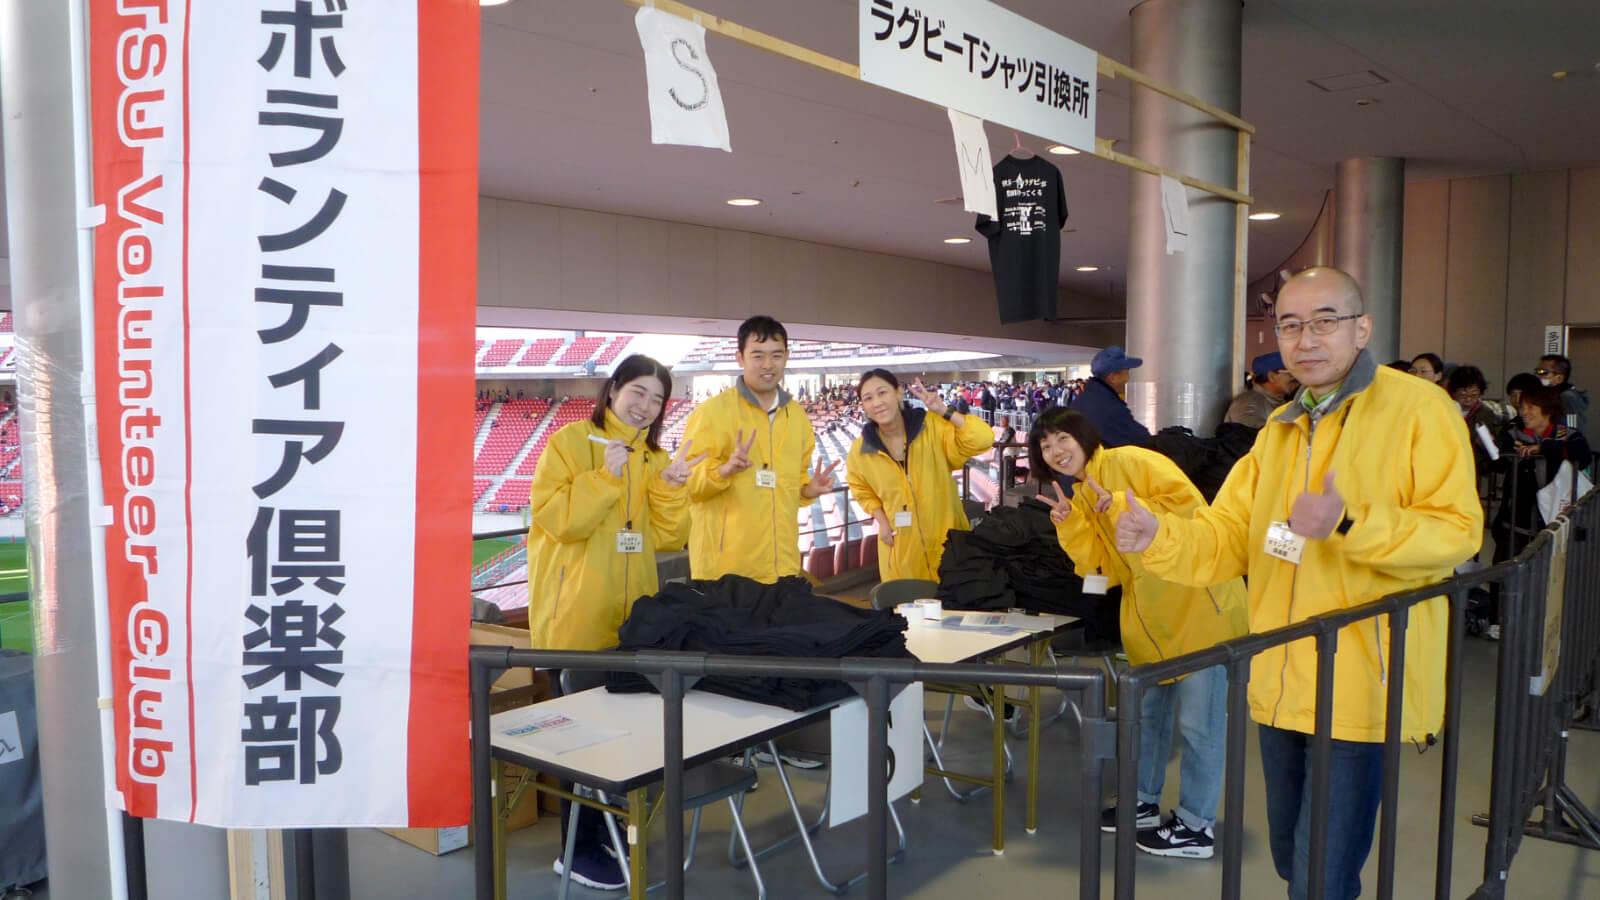 スポーツ大会へのボランティア活動